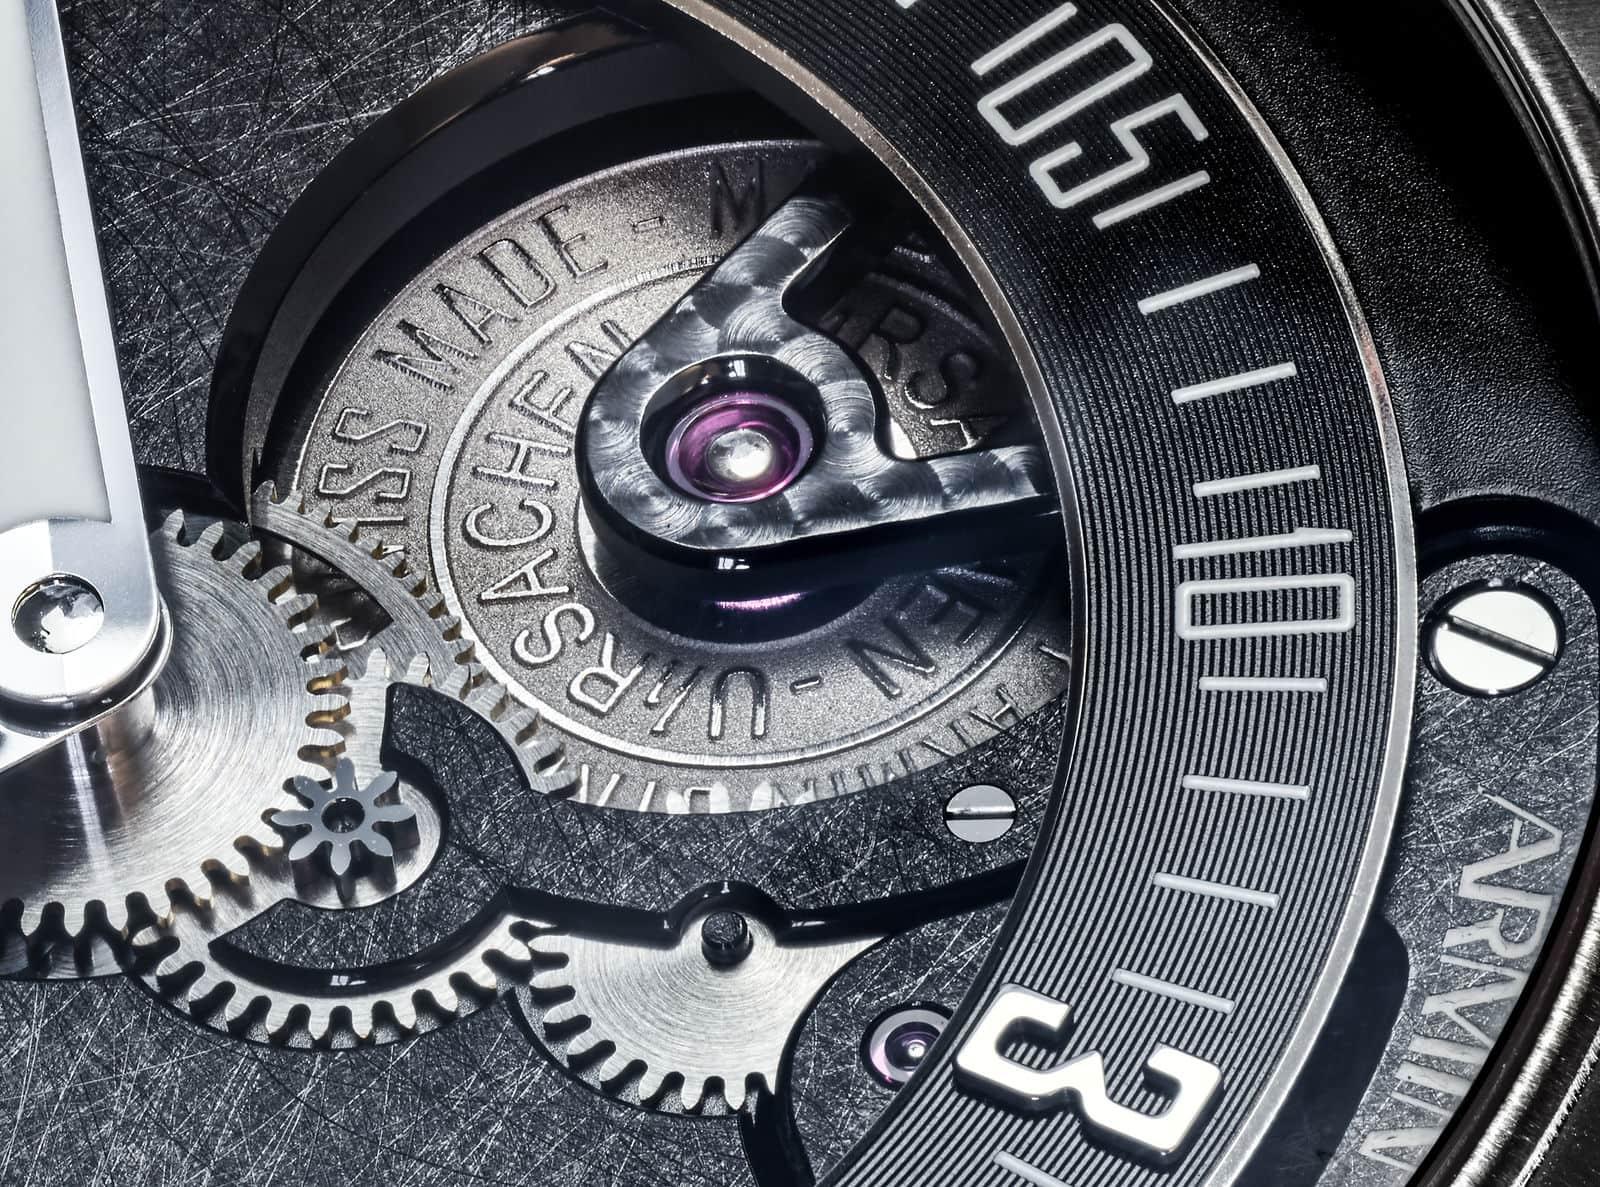 Armin-Strom_01-2-1600x1600